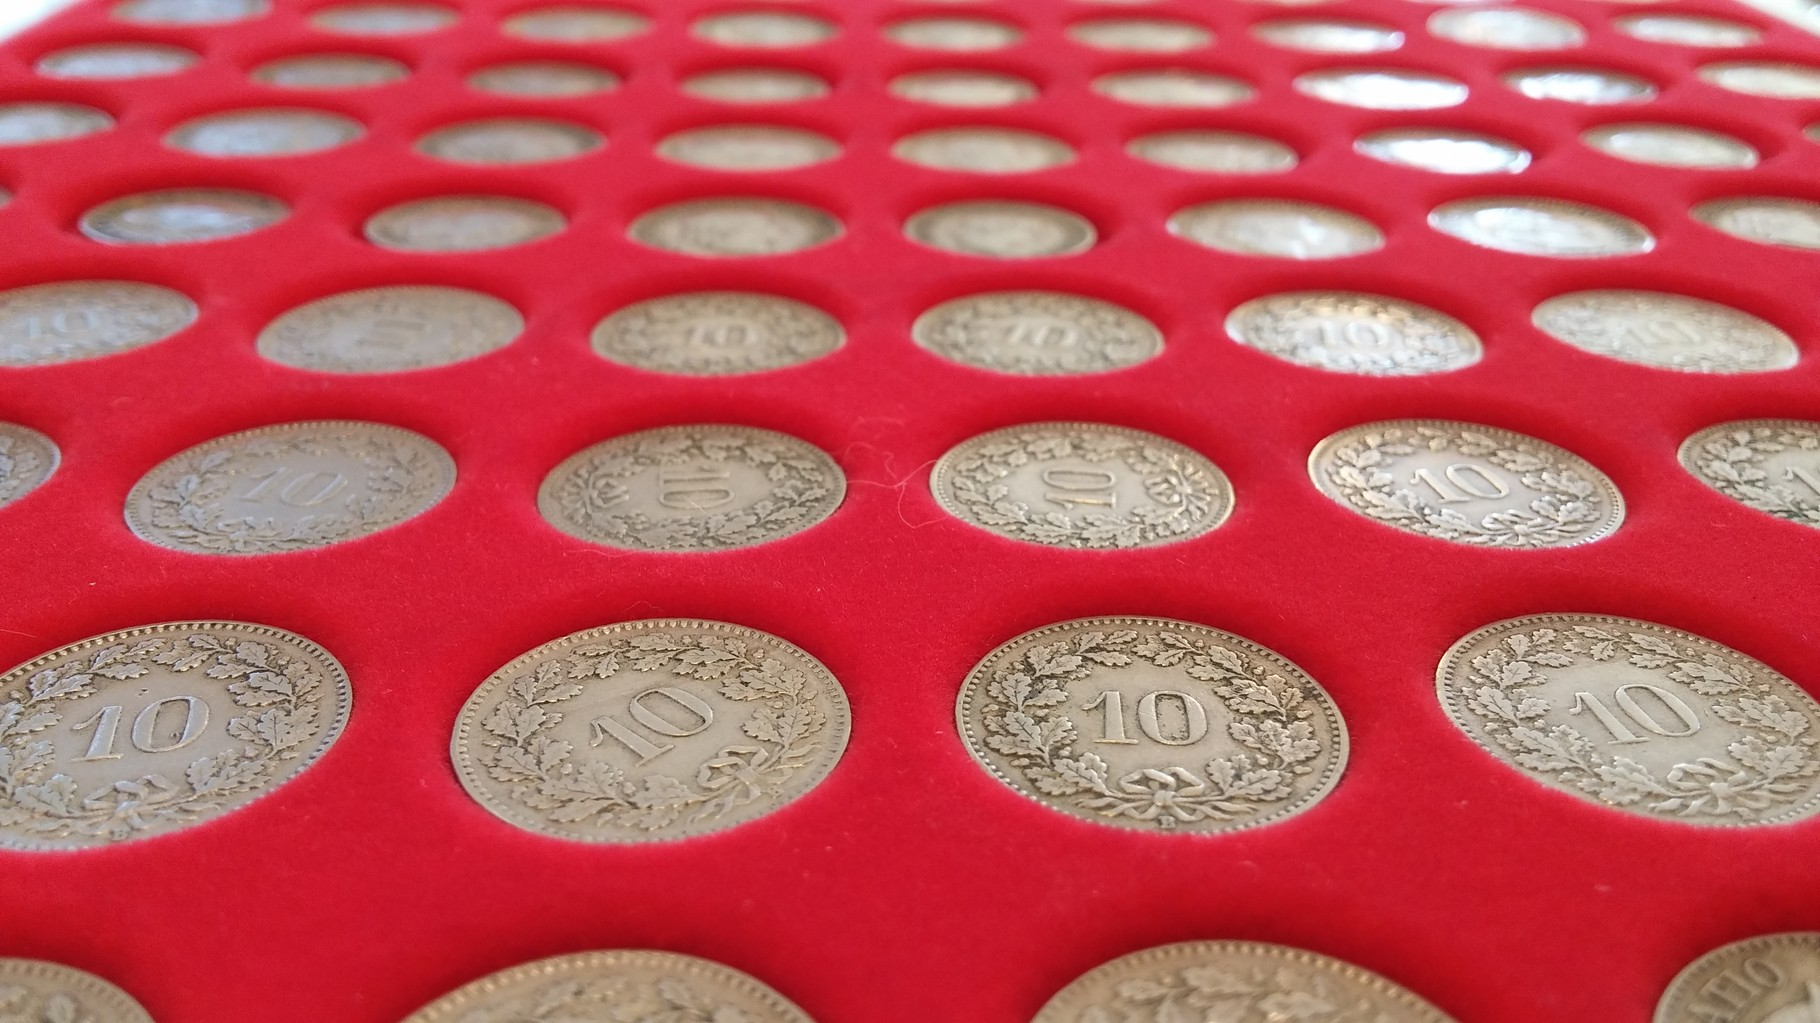 Antiquitäten Ankauf Winterthur : Schwaighofer münzen kunst und antiquitäten haus der